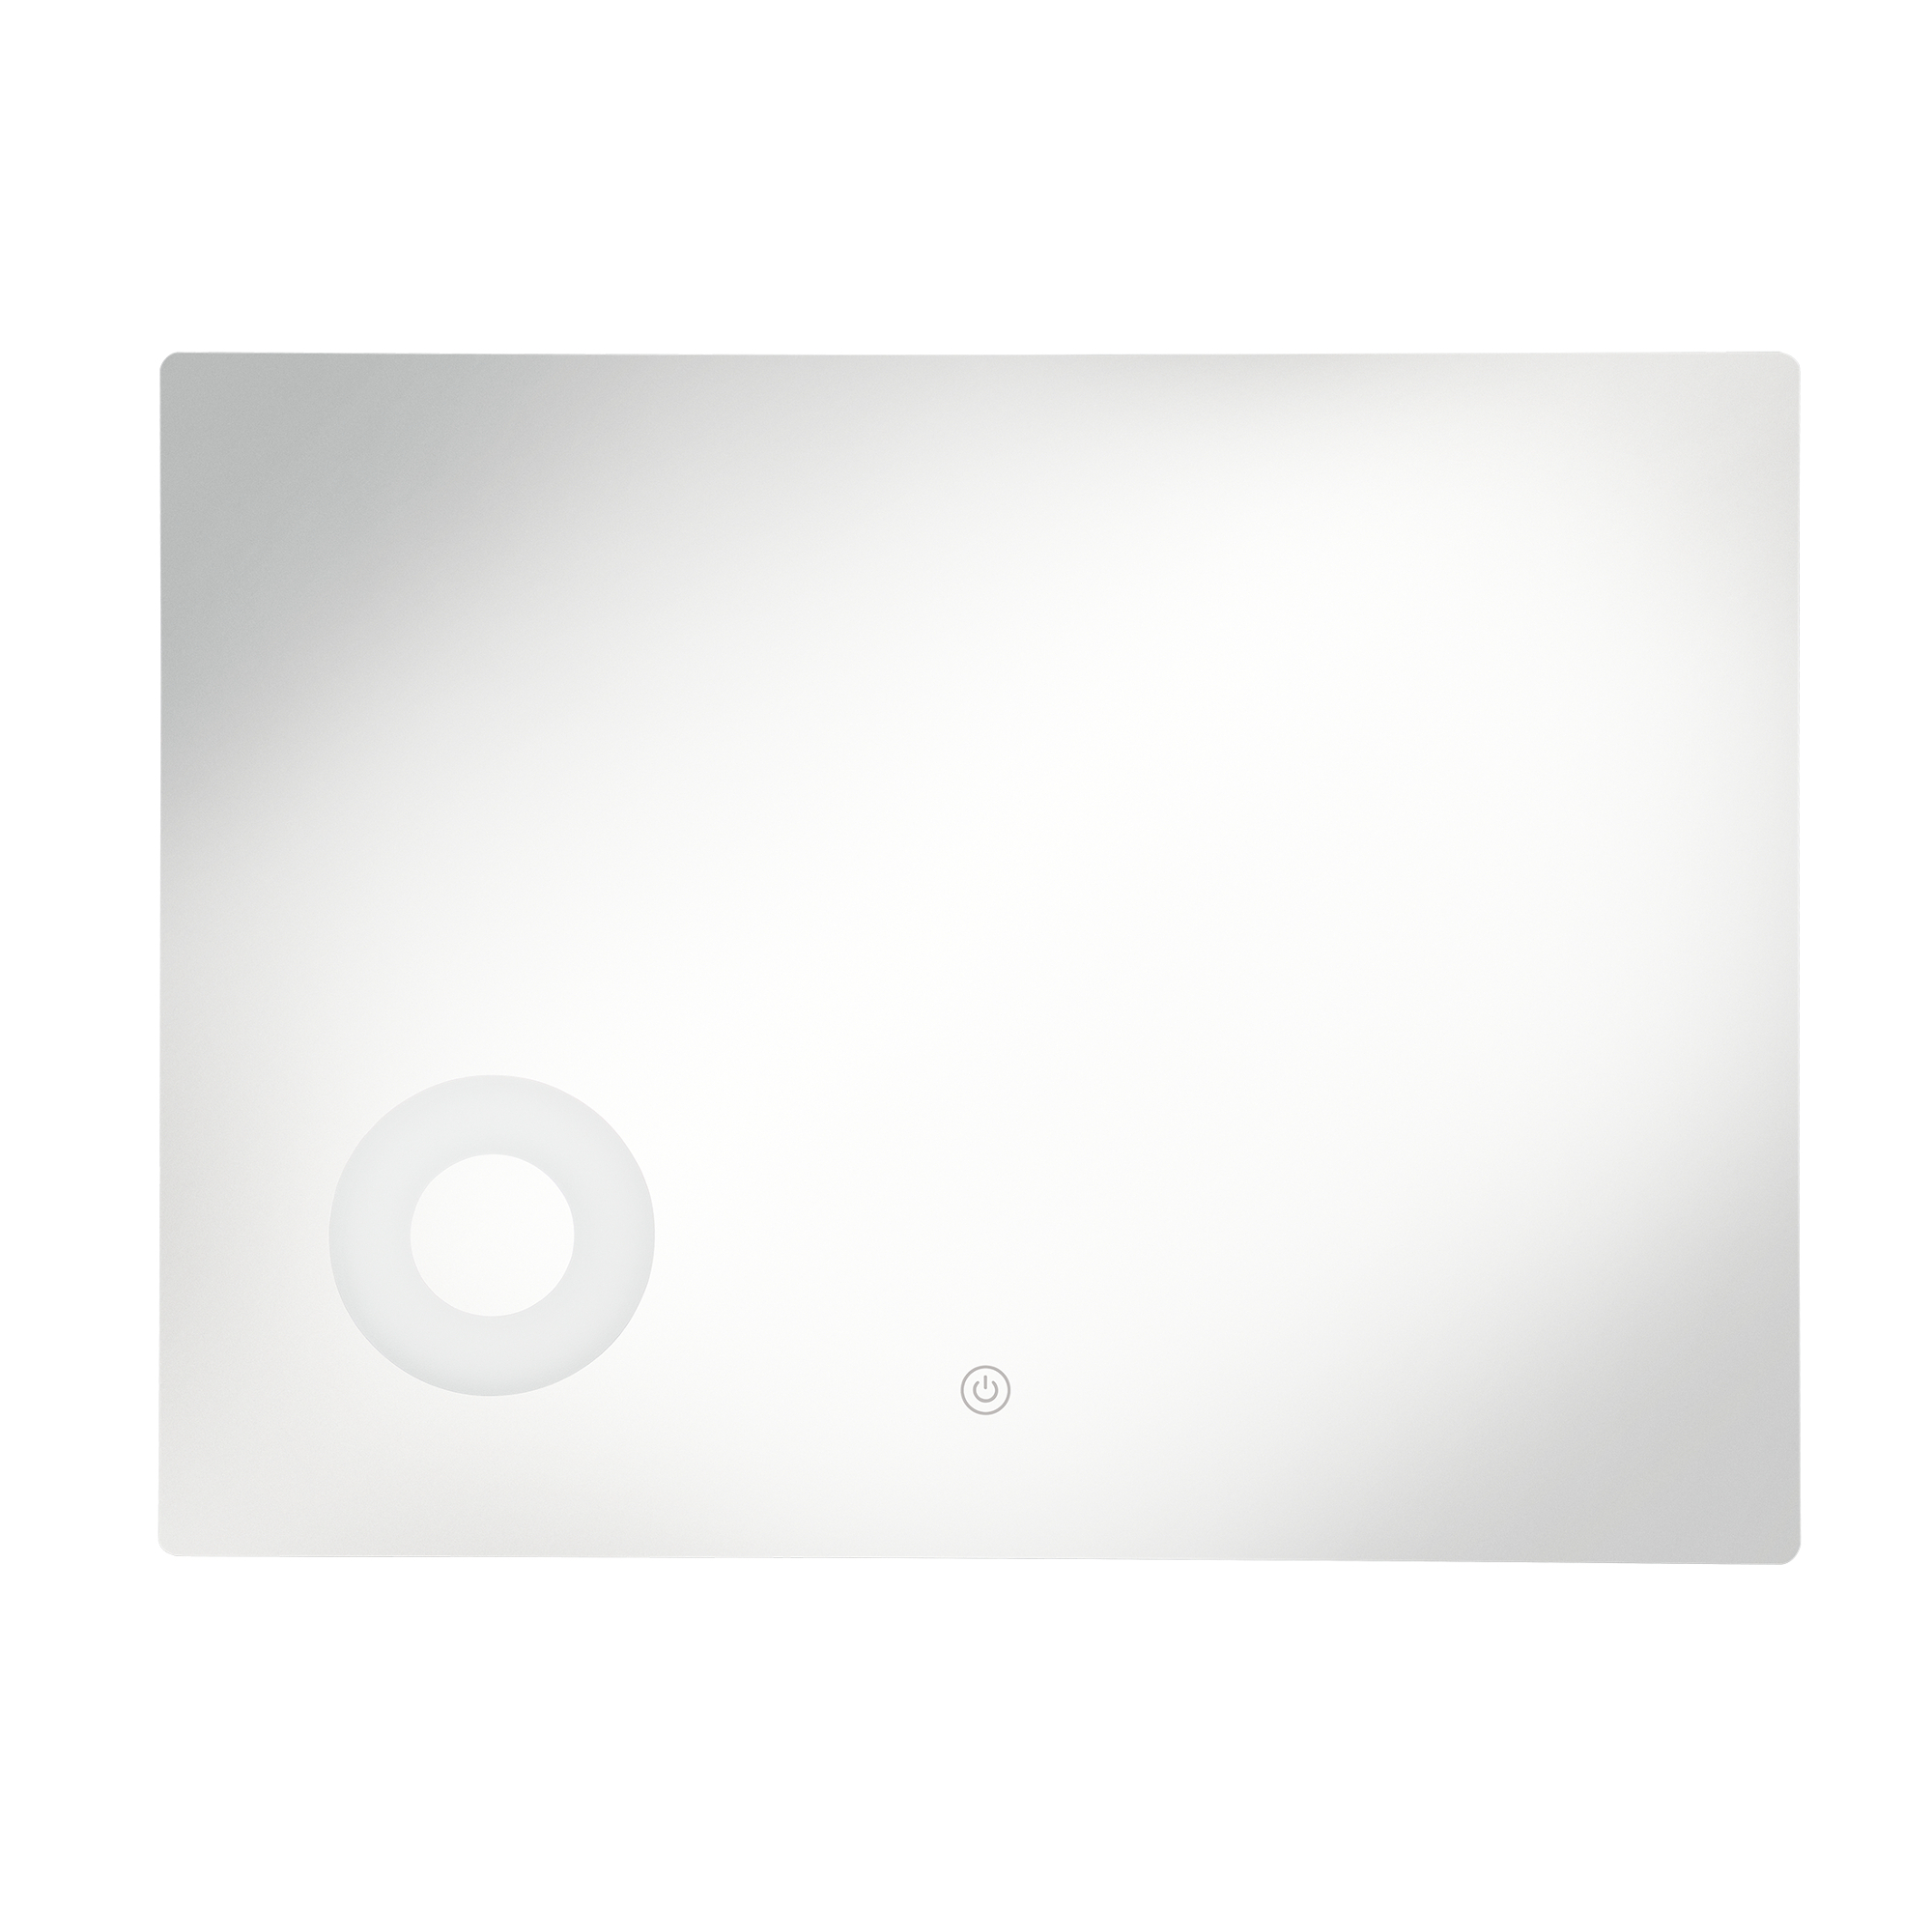 ® LED Badezimmerspiegel Wandspiegel Spiegel Kosmetikspiegel Kosmetikspiegel Kosmetikspiegel 60 x 80 cm b8c087